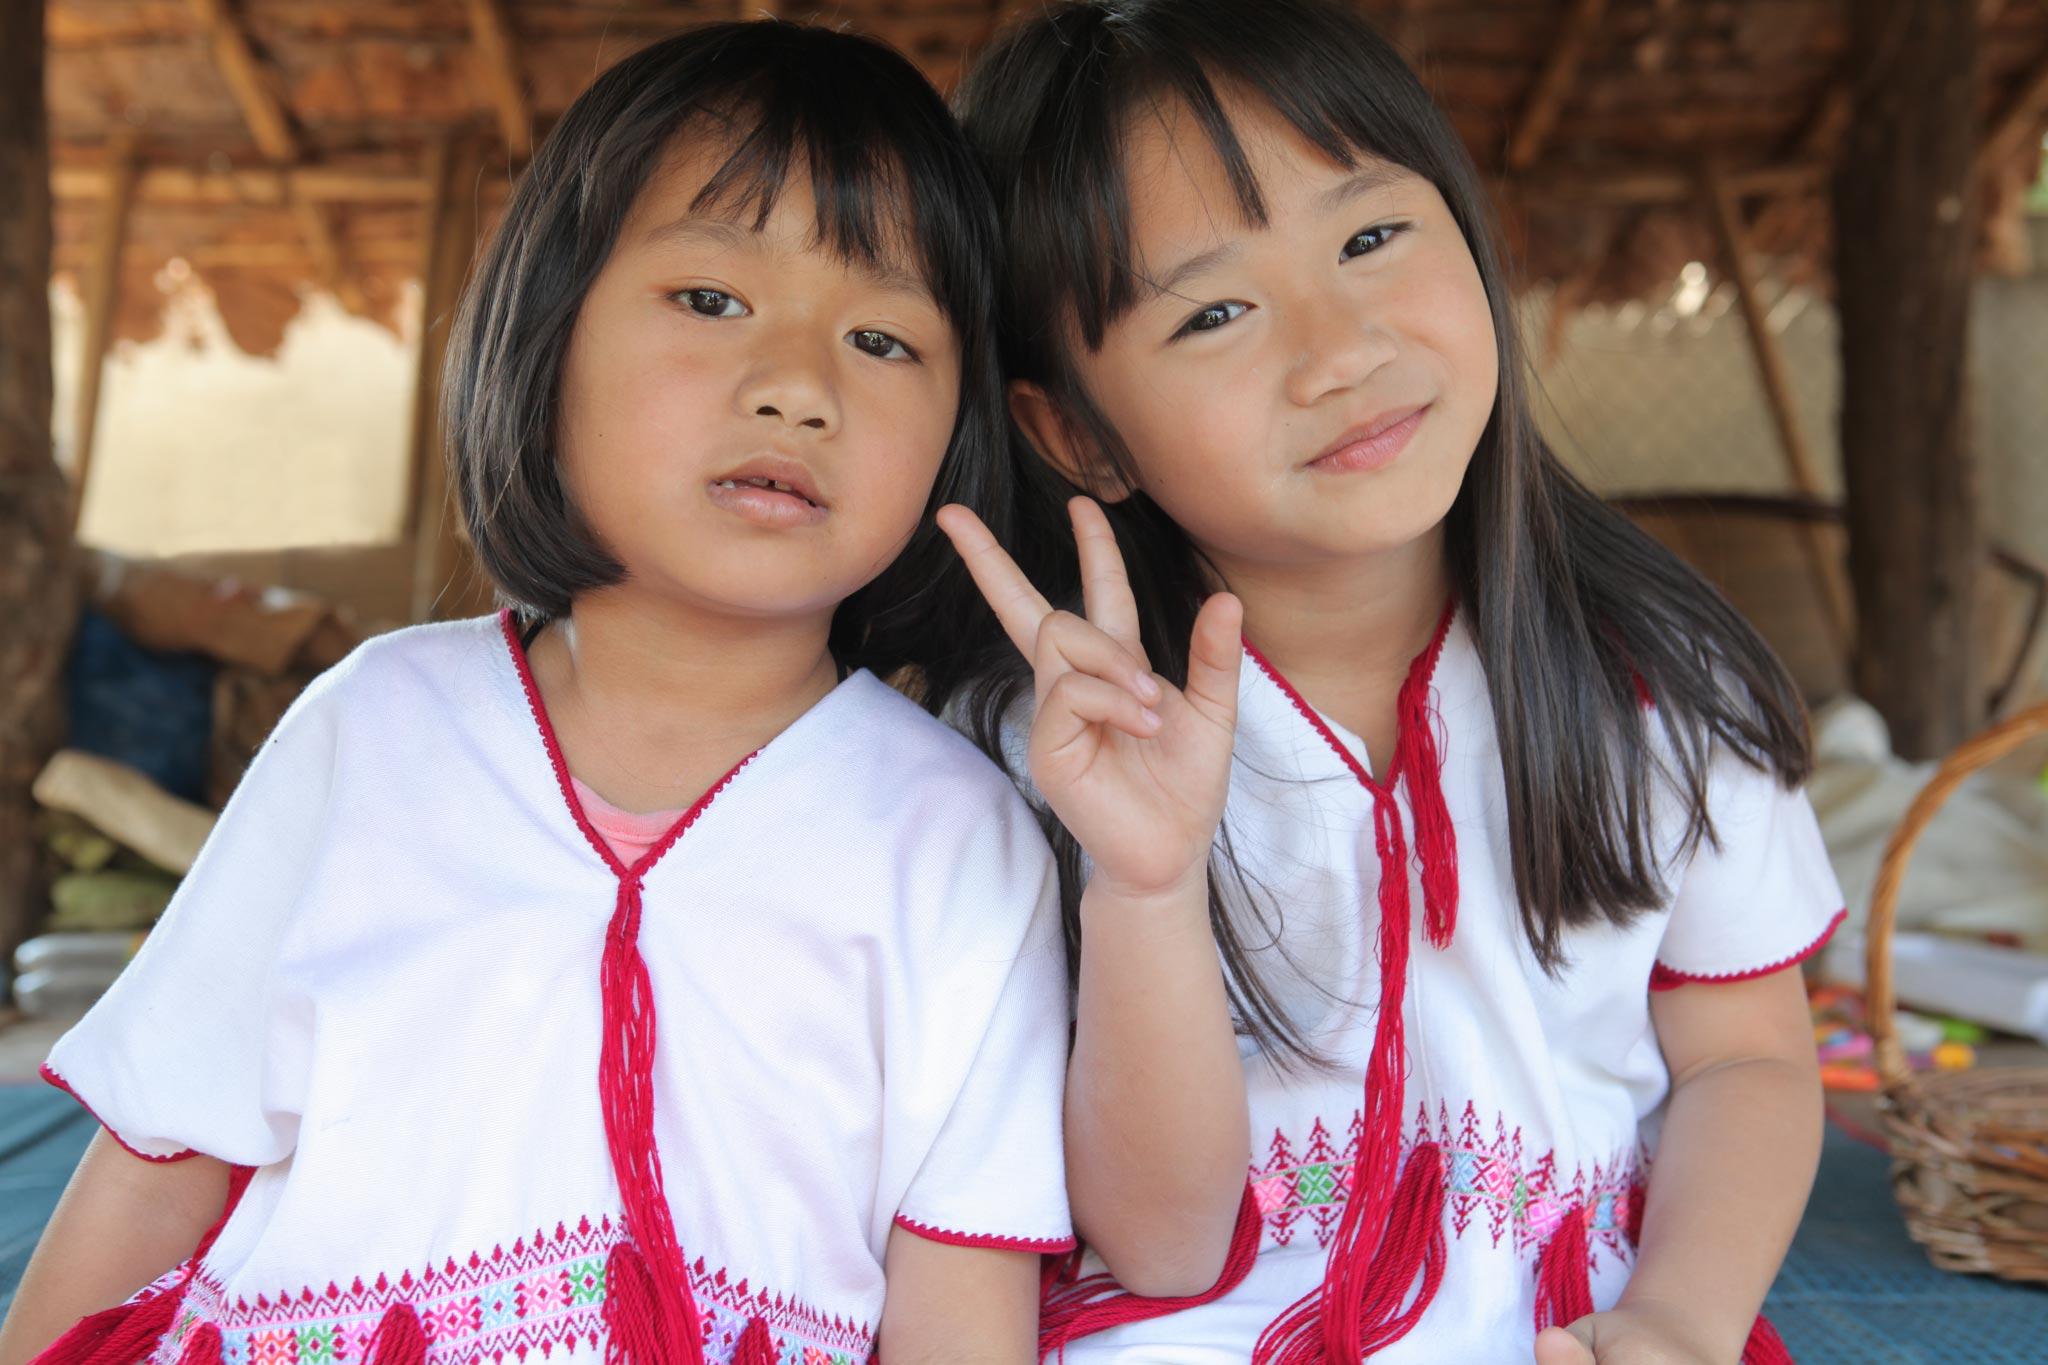 純潔、未婚を表す白の民族衣装を着たカレン族の幼い姉妹